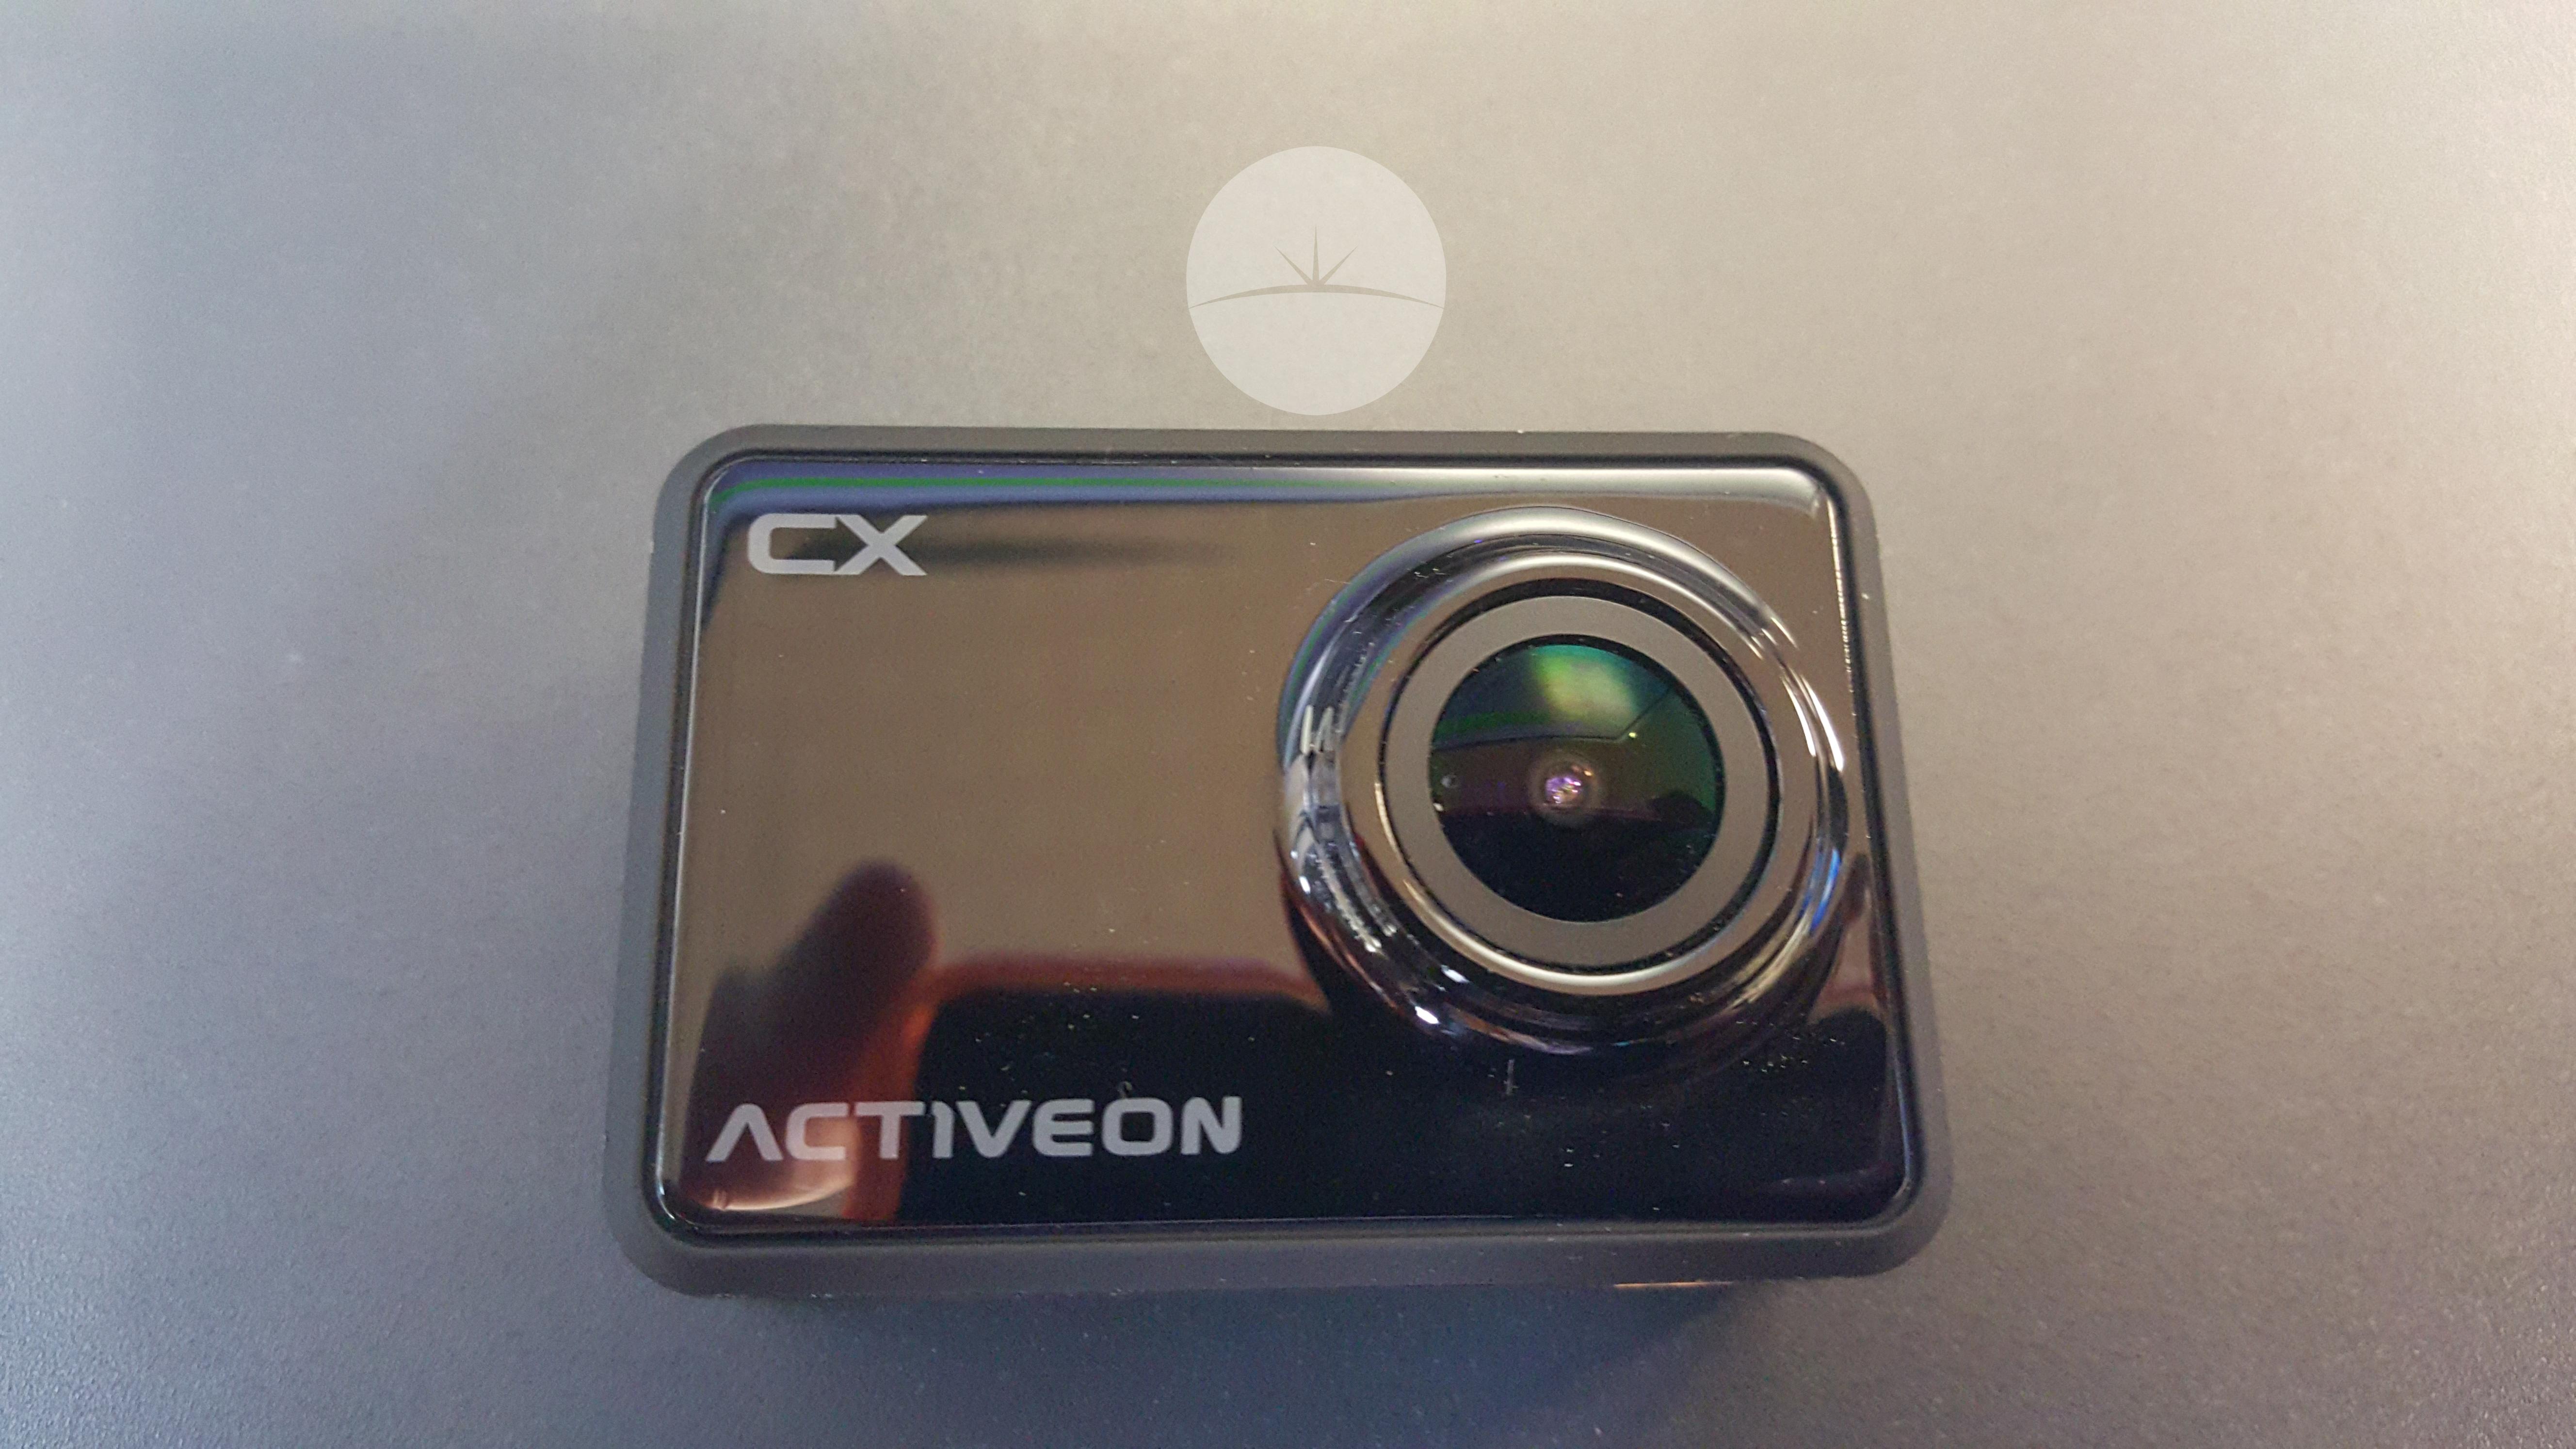 Activeon Cx Action Cam Review Droidhorizon